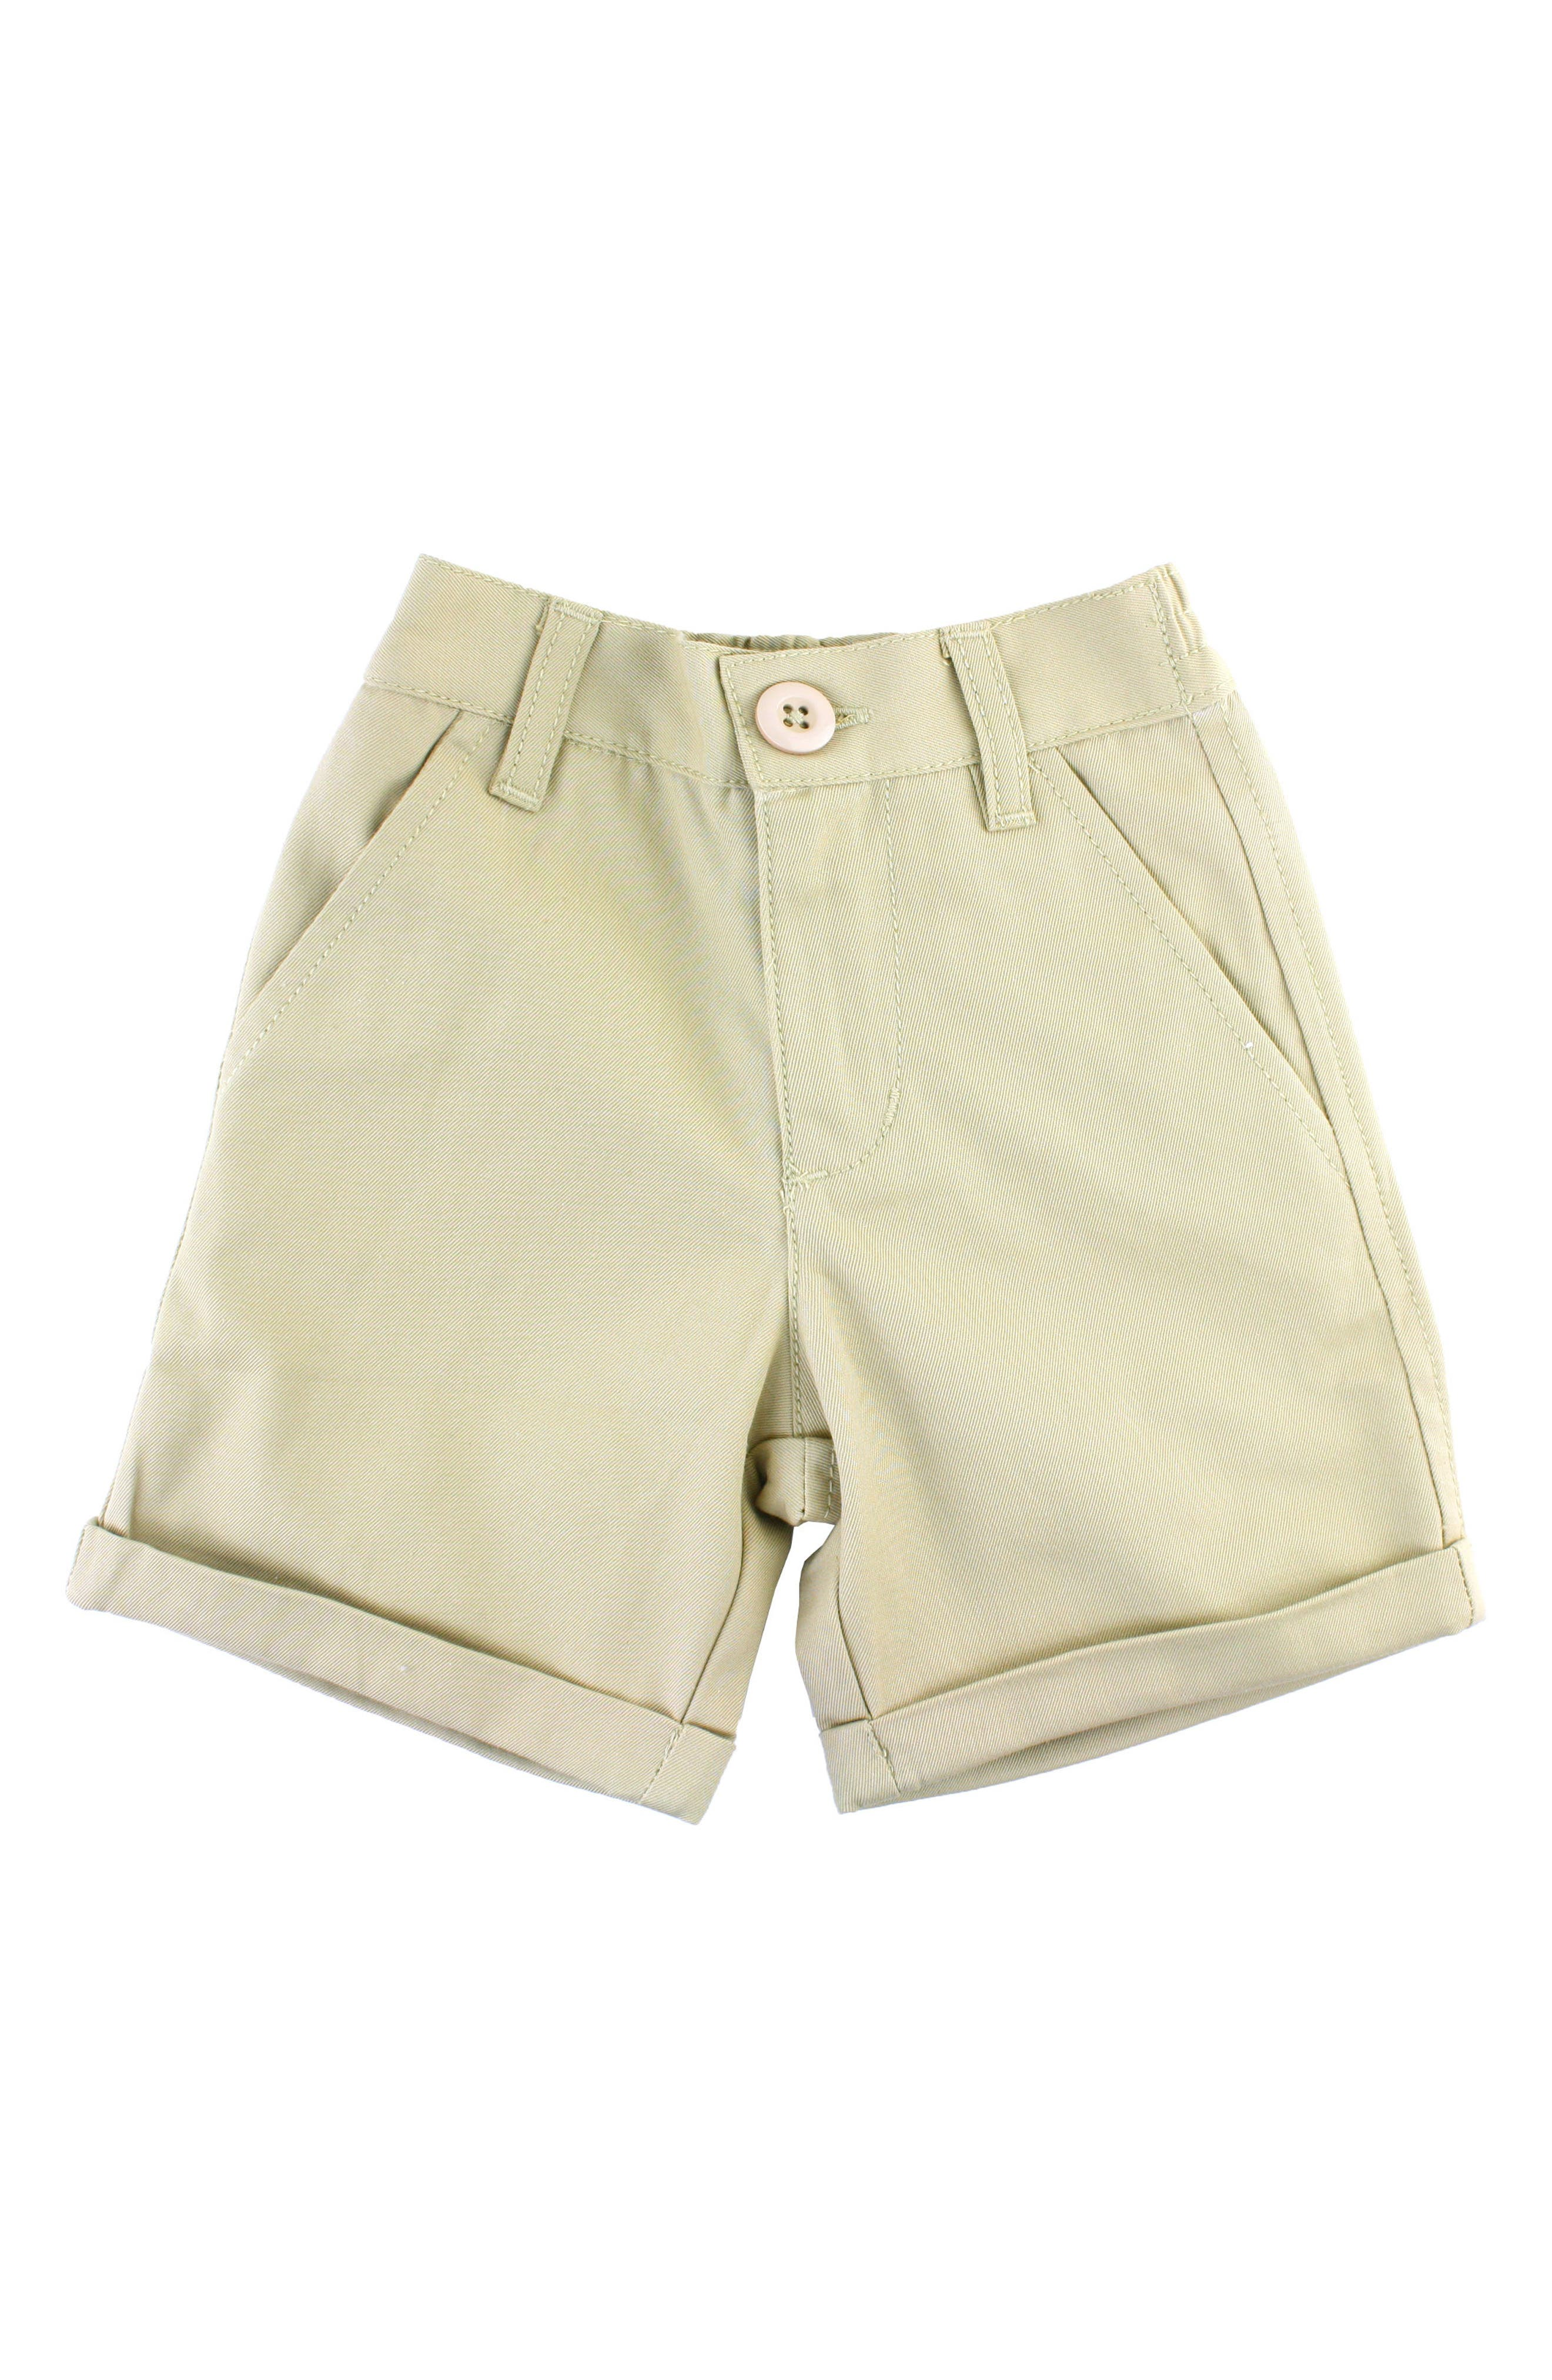 Chino Shorts,                         Main,                         color, Natural